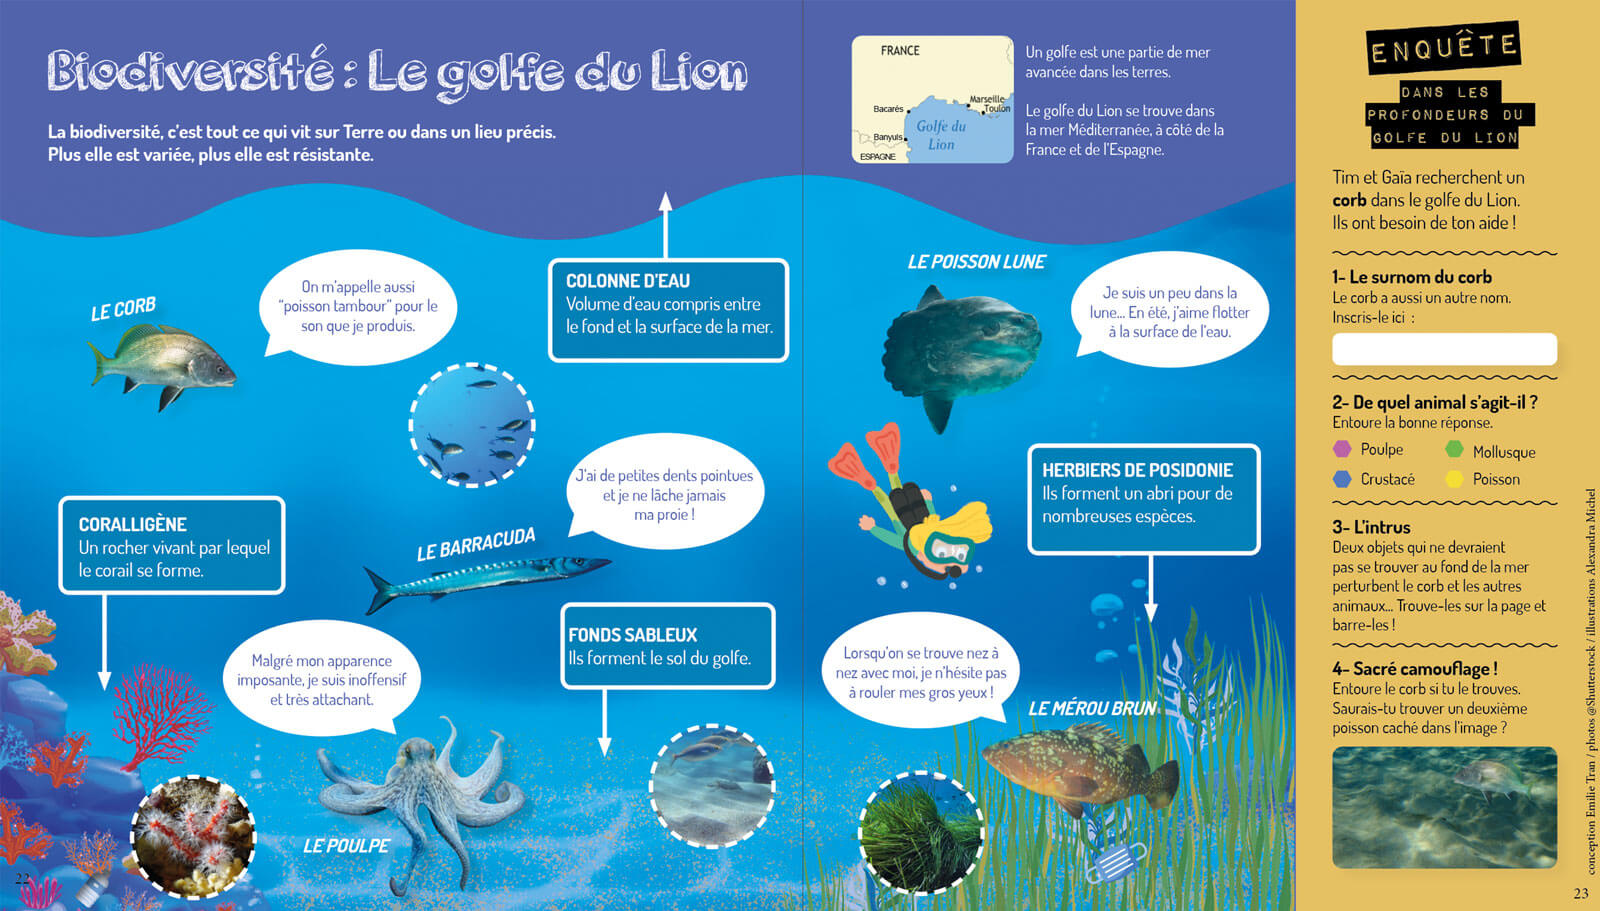 Biodiversité Golfe du Lion